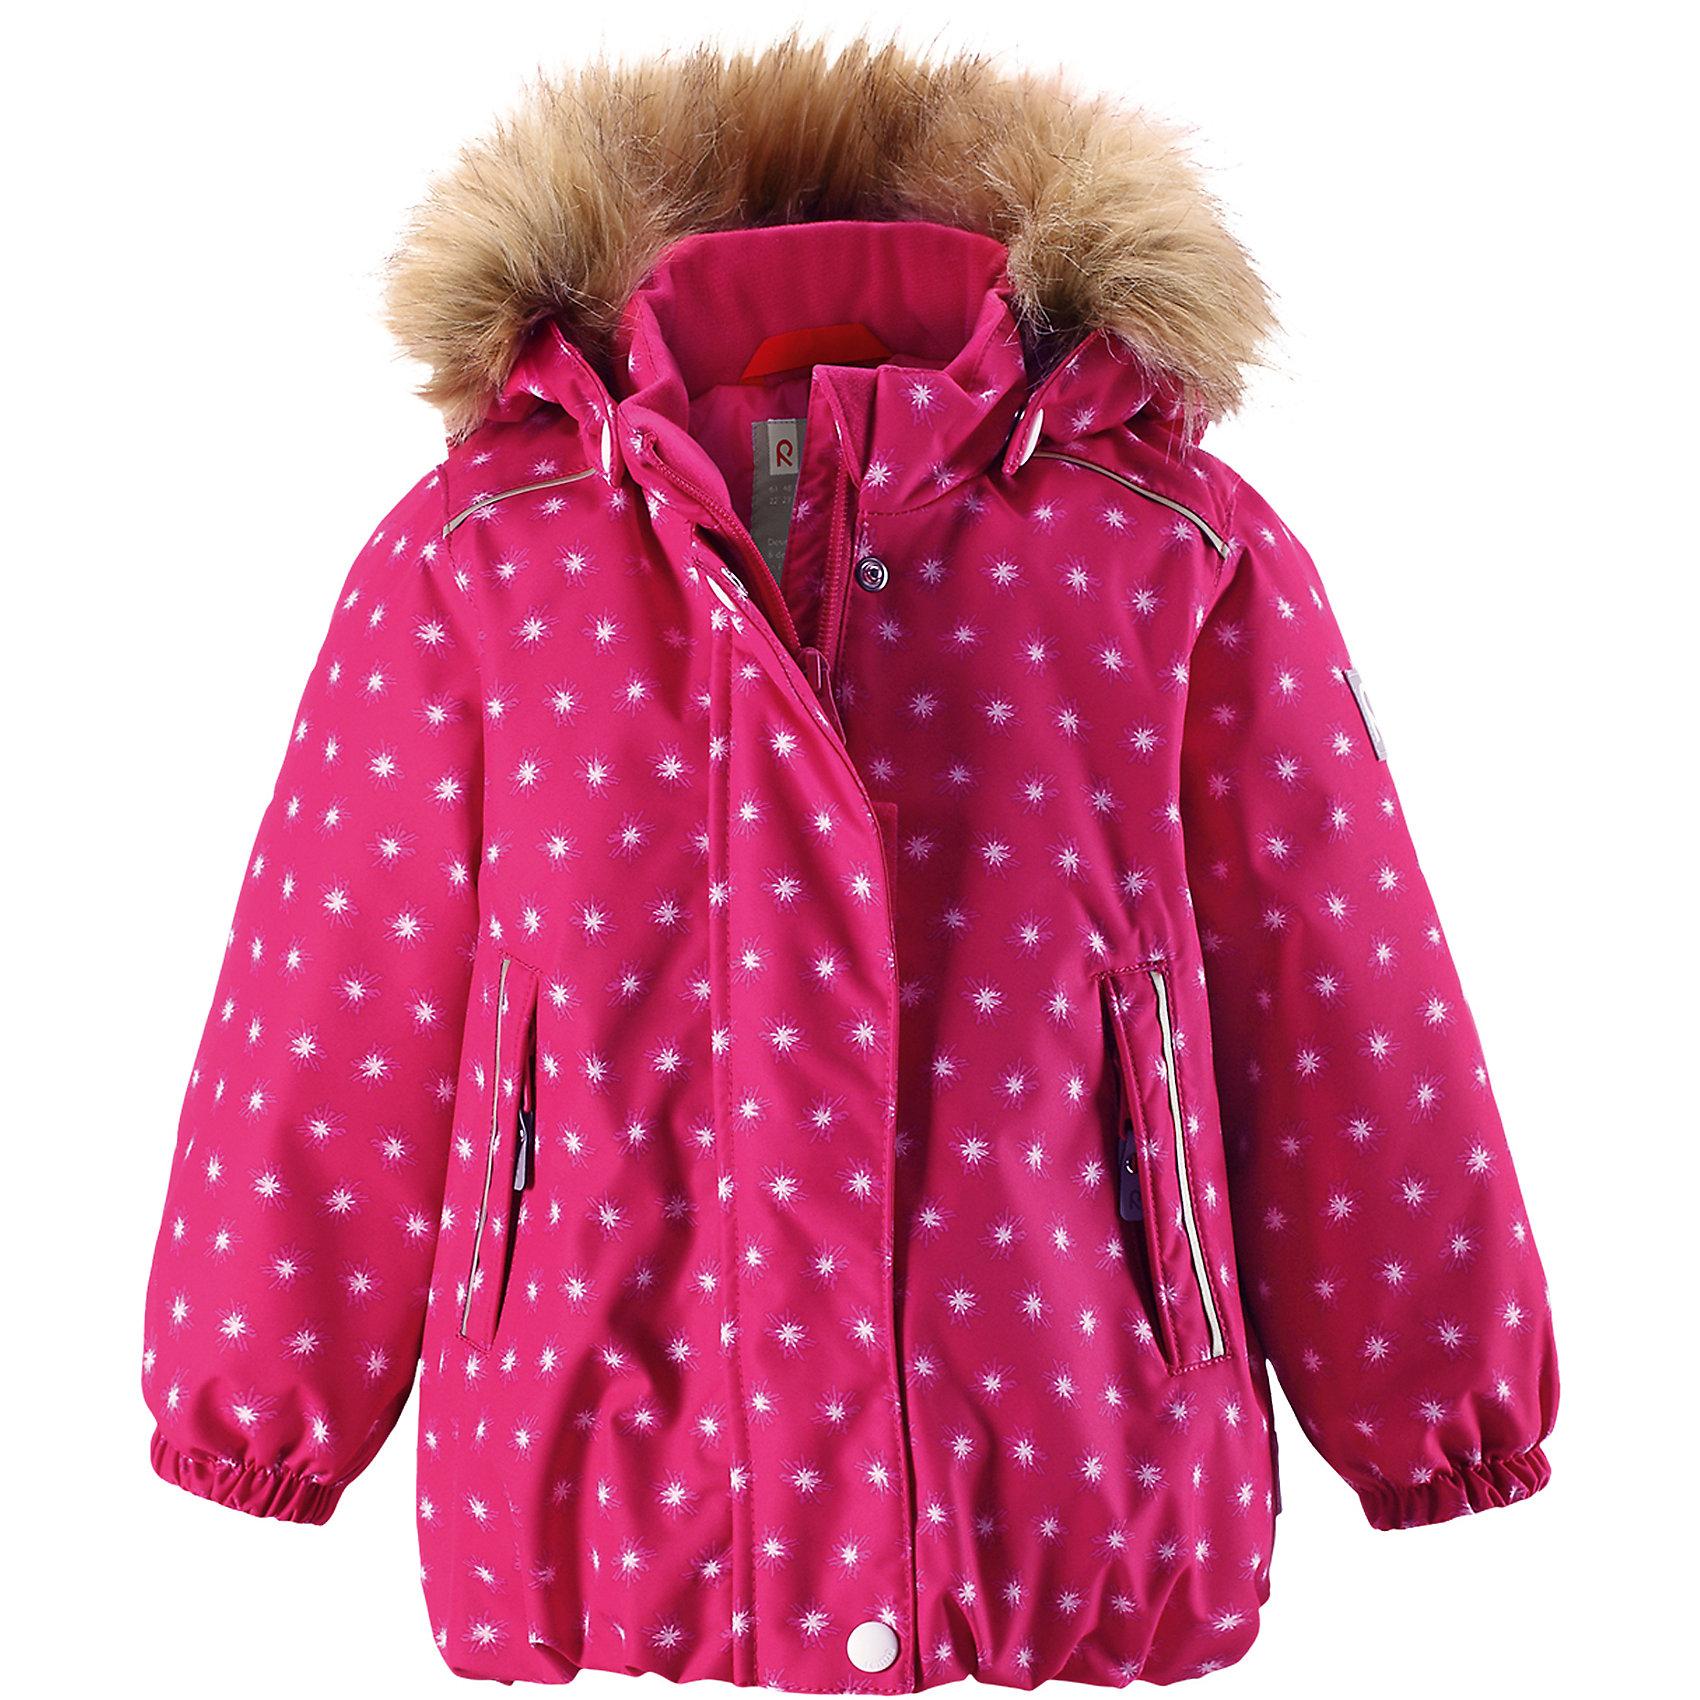 Куртка Reima Reima Pihlaja для девочкиВерхняя одежда<br>Характеристики товара:<br><br>• цвет: розовый <br>• состав: 100% полиэстер<br>• утеплитель: 100% полиэстер, 160 г/м2 (soft loft insulation)<br>• сезон: зима<br>• температурный режим: от 0 до -20С<br>• водонепроницаемость: 15000 мм<br>• воздухопроницаемость: 7000 мм<br>• износостойкость: 40000 циклов (тест Мартиндейла)<br>• особенности модели: с рисунком, с мехом<br>• основные швы проклеены и не пропускают влагу<br>• водо- и ветронепроницаемый, дышащий и грязеотталкивающий материал<br>• гладкая подкладка из полиэстера<br>• безопасный, съемный капюшон на кнопках<br>• съемный искусственный мех на капюшоне<br>• защита подбородка от защемления<br>• эластичные манжеты<br>• регулируемый подол<br>• застежка: молния<br>• дополнительная планка на кнопках<br>• два кармана на молнии<br>• светоотражающие детали<br>• страна бренда: Финляндия<br>• страна изготовитель: Китай<br><br>Зимняя куртка с капюшоном для девочки. Все швы проклеены и водонепроницаемы, а сама она изготовлена из водо и ветронепроницаемого, грязеотталкивающего материала. Гладкая подкладка и длинная застежка на молнии облегчают надевание.<br><br>Съемный капюшон защищает от ветра, к тому же он абсолютно безопасен – легко отстегнется, если вдруг за что-нибудь зацепится. Маленькие карманы на молнии надежно сохранят все сокровища. Обратите внимание: куртку можно сушить в сушильной машине. Зимняя куртка на молнии для девочки декорирована мелким рисунком в виде звездочек.<br><br>Куртка Pihlaja для девочки Reimatec® Reima от финского бренда Reima (Рейма) можно купить в нашем интернет-магазине.<br><br>Ширина мм: 356<br>Глубина мм: 10<br>Высота мм: 245<br>Вес г: 519<br>Цвет: розовый<br>Возраст от месяцев: 24<br>Возраст до месяцев: 36<br>Пол: Женский<br>Возраст: Детский<br>Размер: 98,80,86,92<br>SKU: 6908230